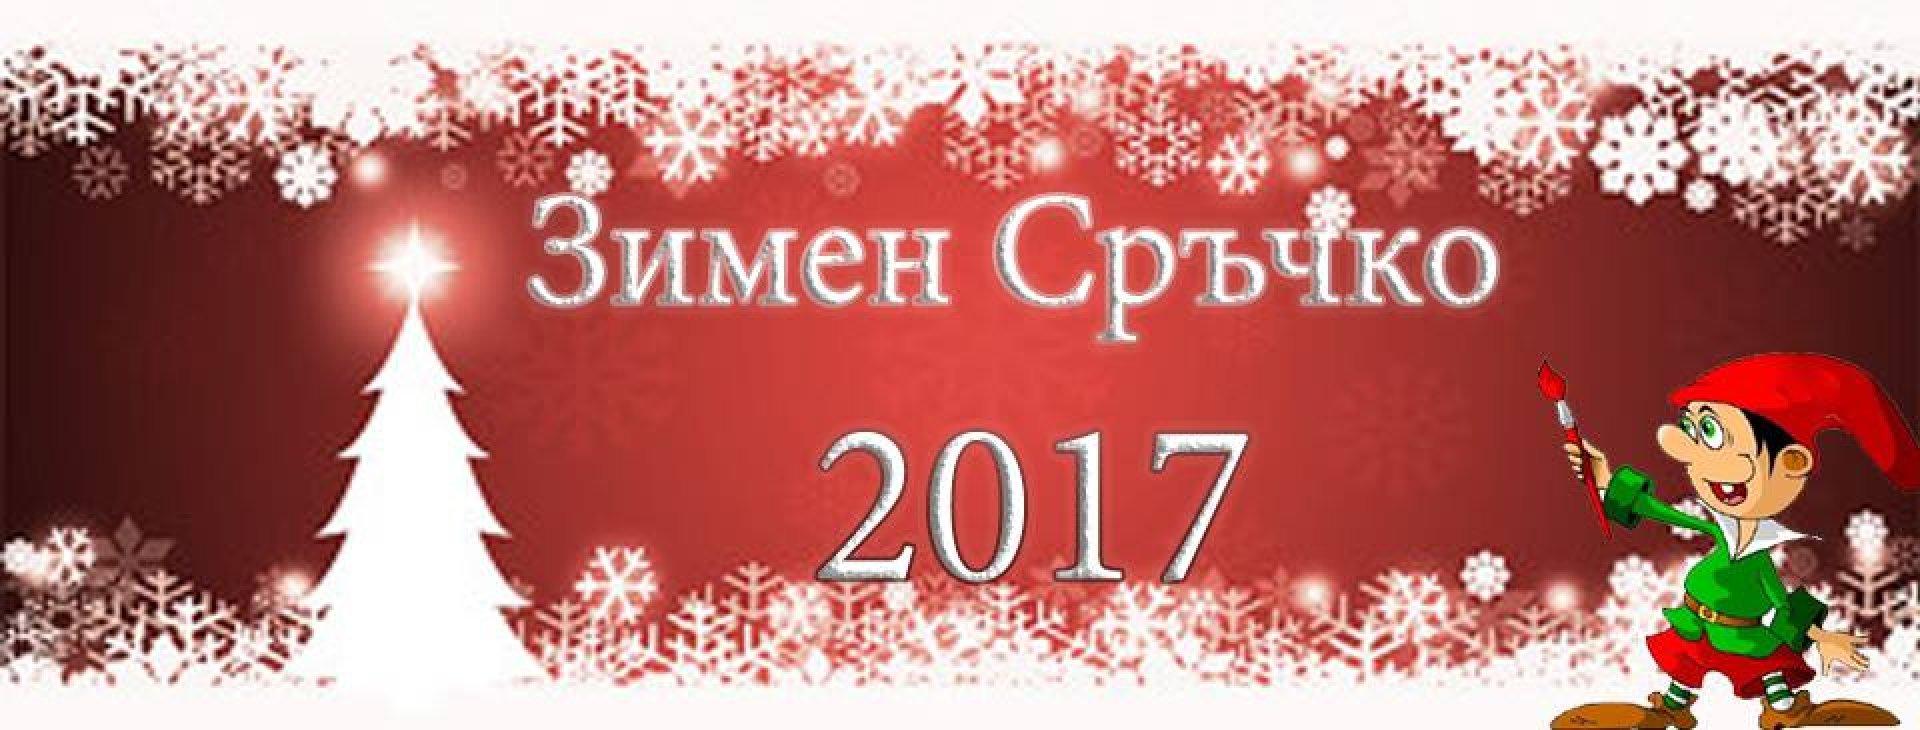 """Арт-фестивалът""""Сръчко"""" ще се проведе от 1-ви до 31-ви декември във Фестивалния и конгресен център"""